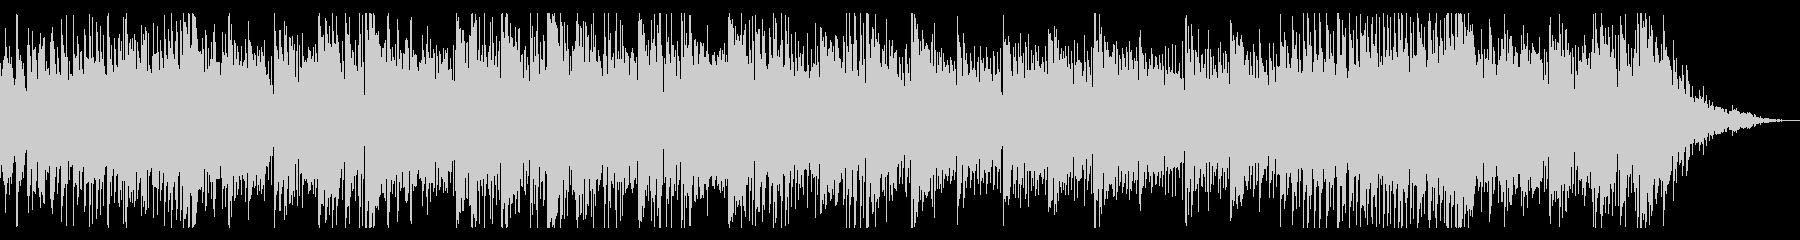 生録音ギターによるオーガニック楽曲の未再生の波形